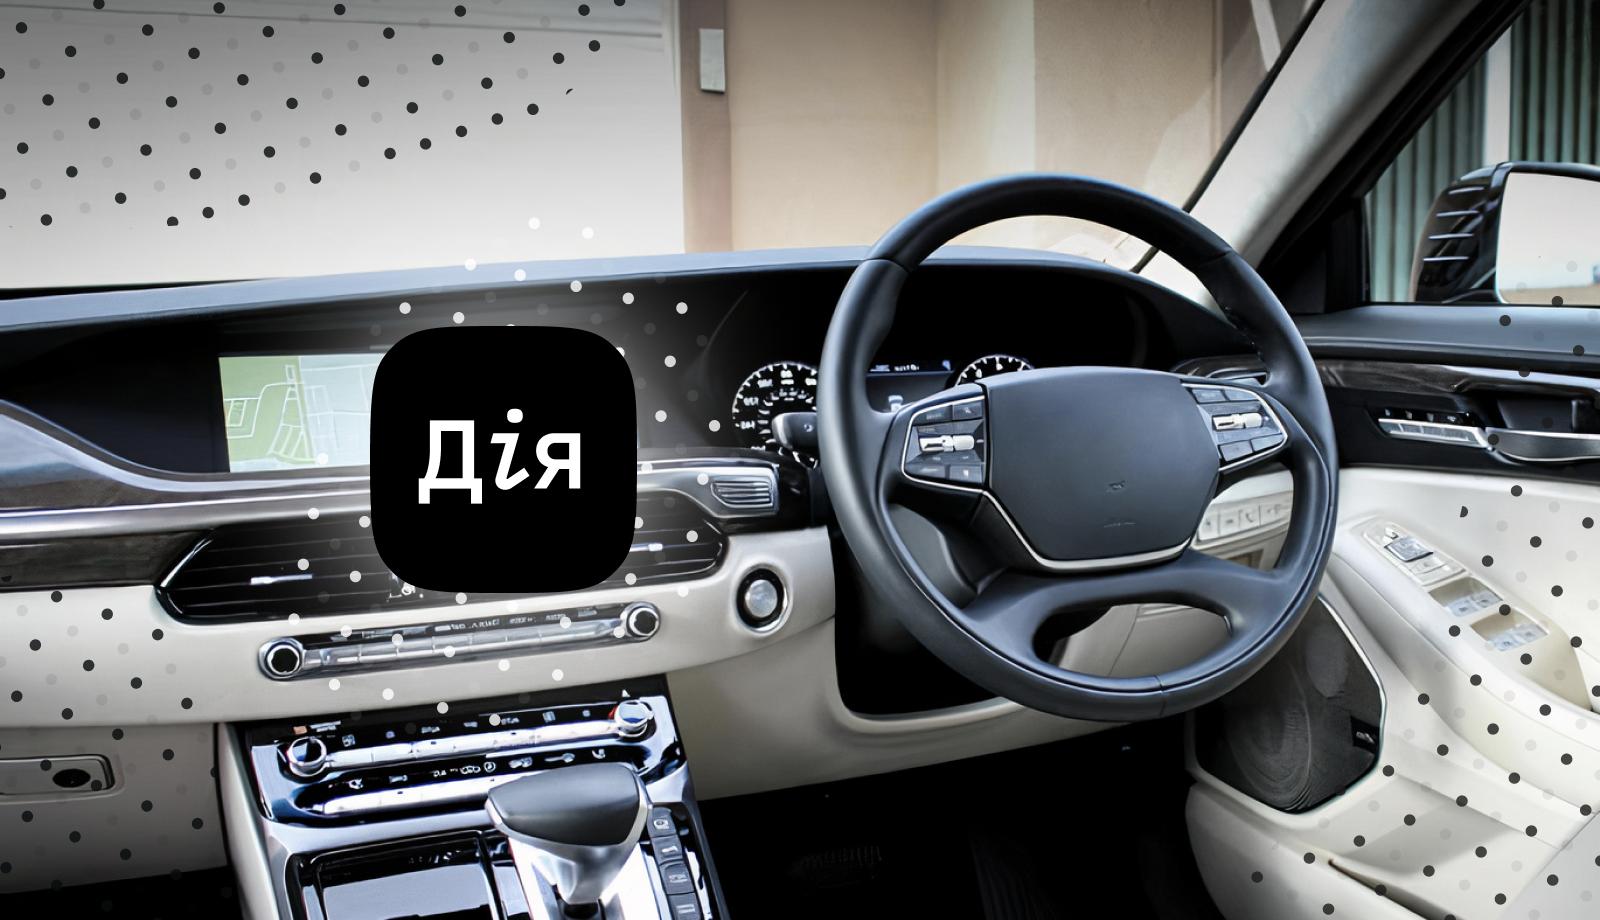 Розмитнення авто онлайн в сервісі «Дія»